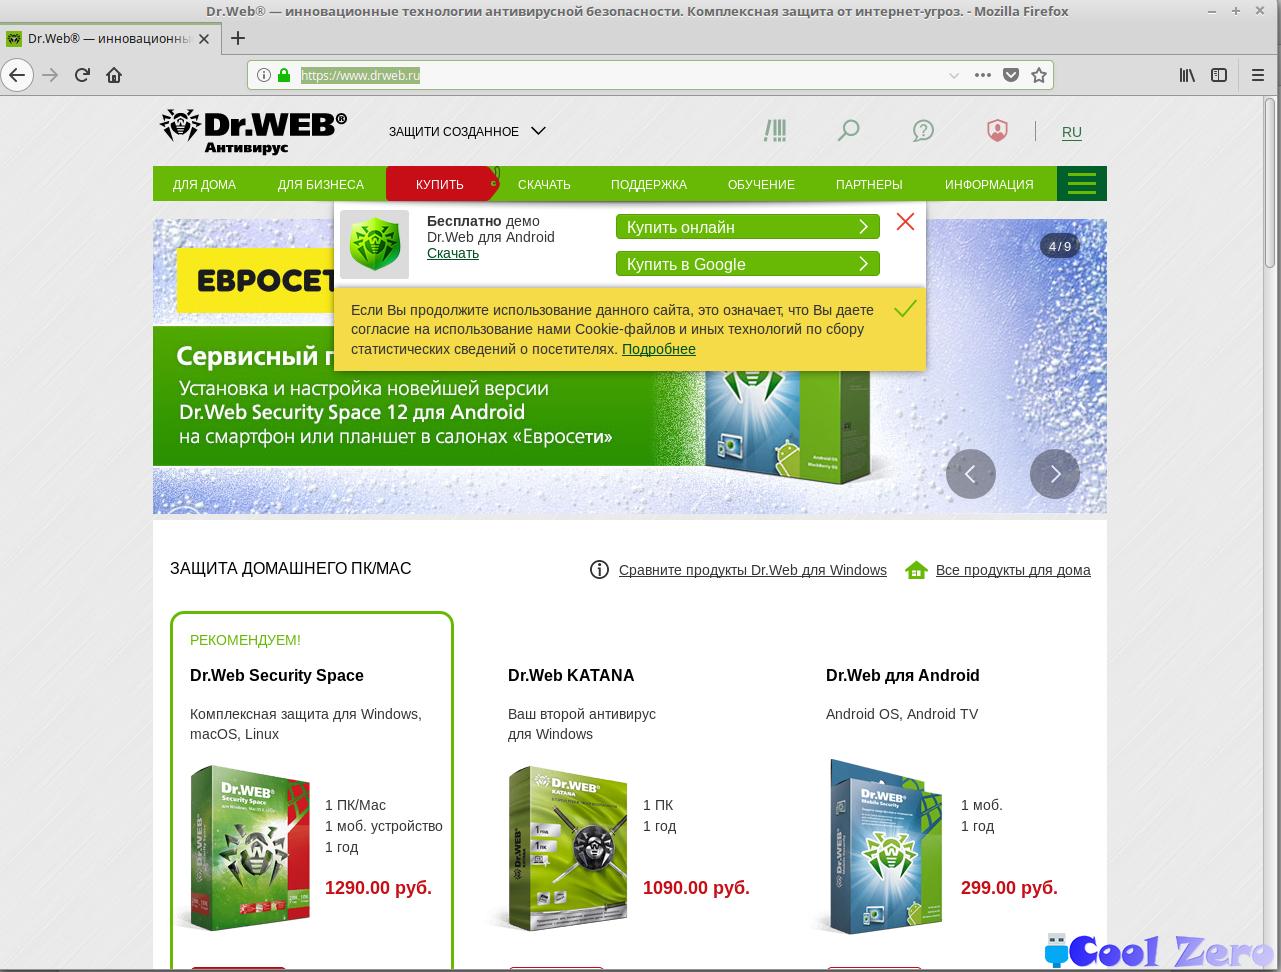 Официальный сайт антивирусного программного продукта Dr.Web